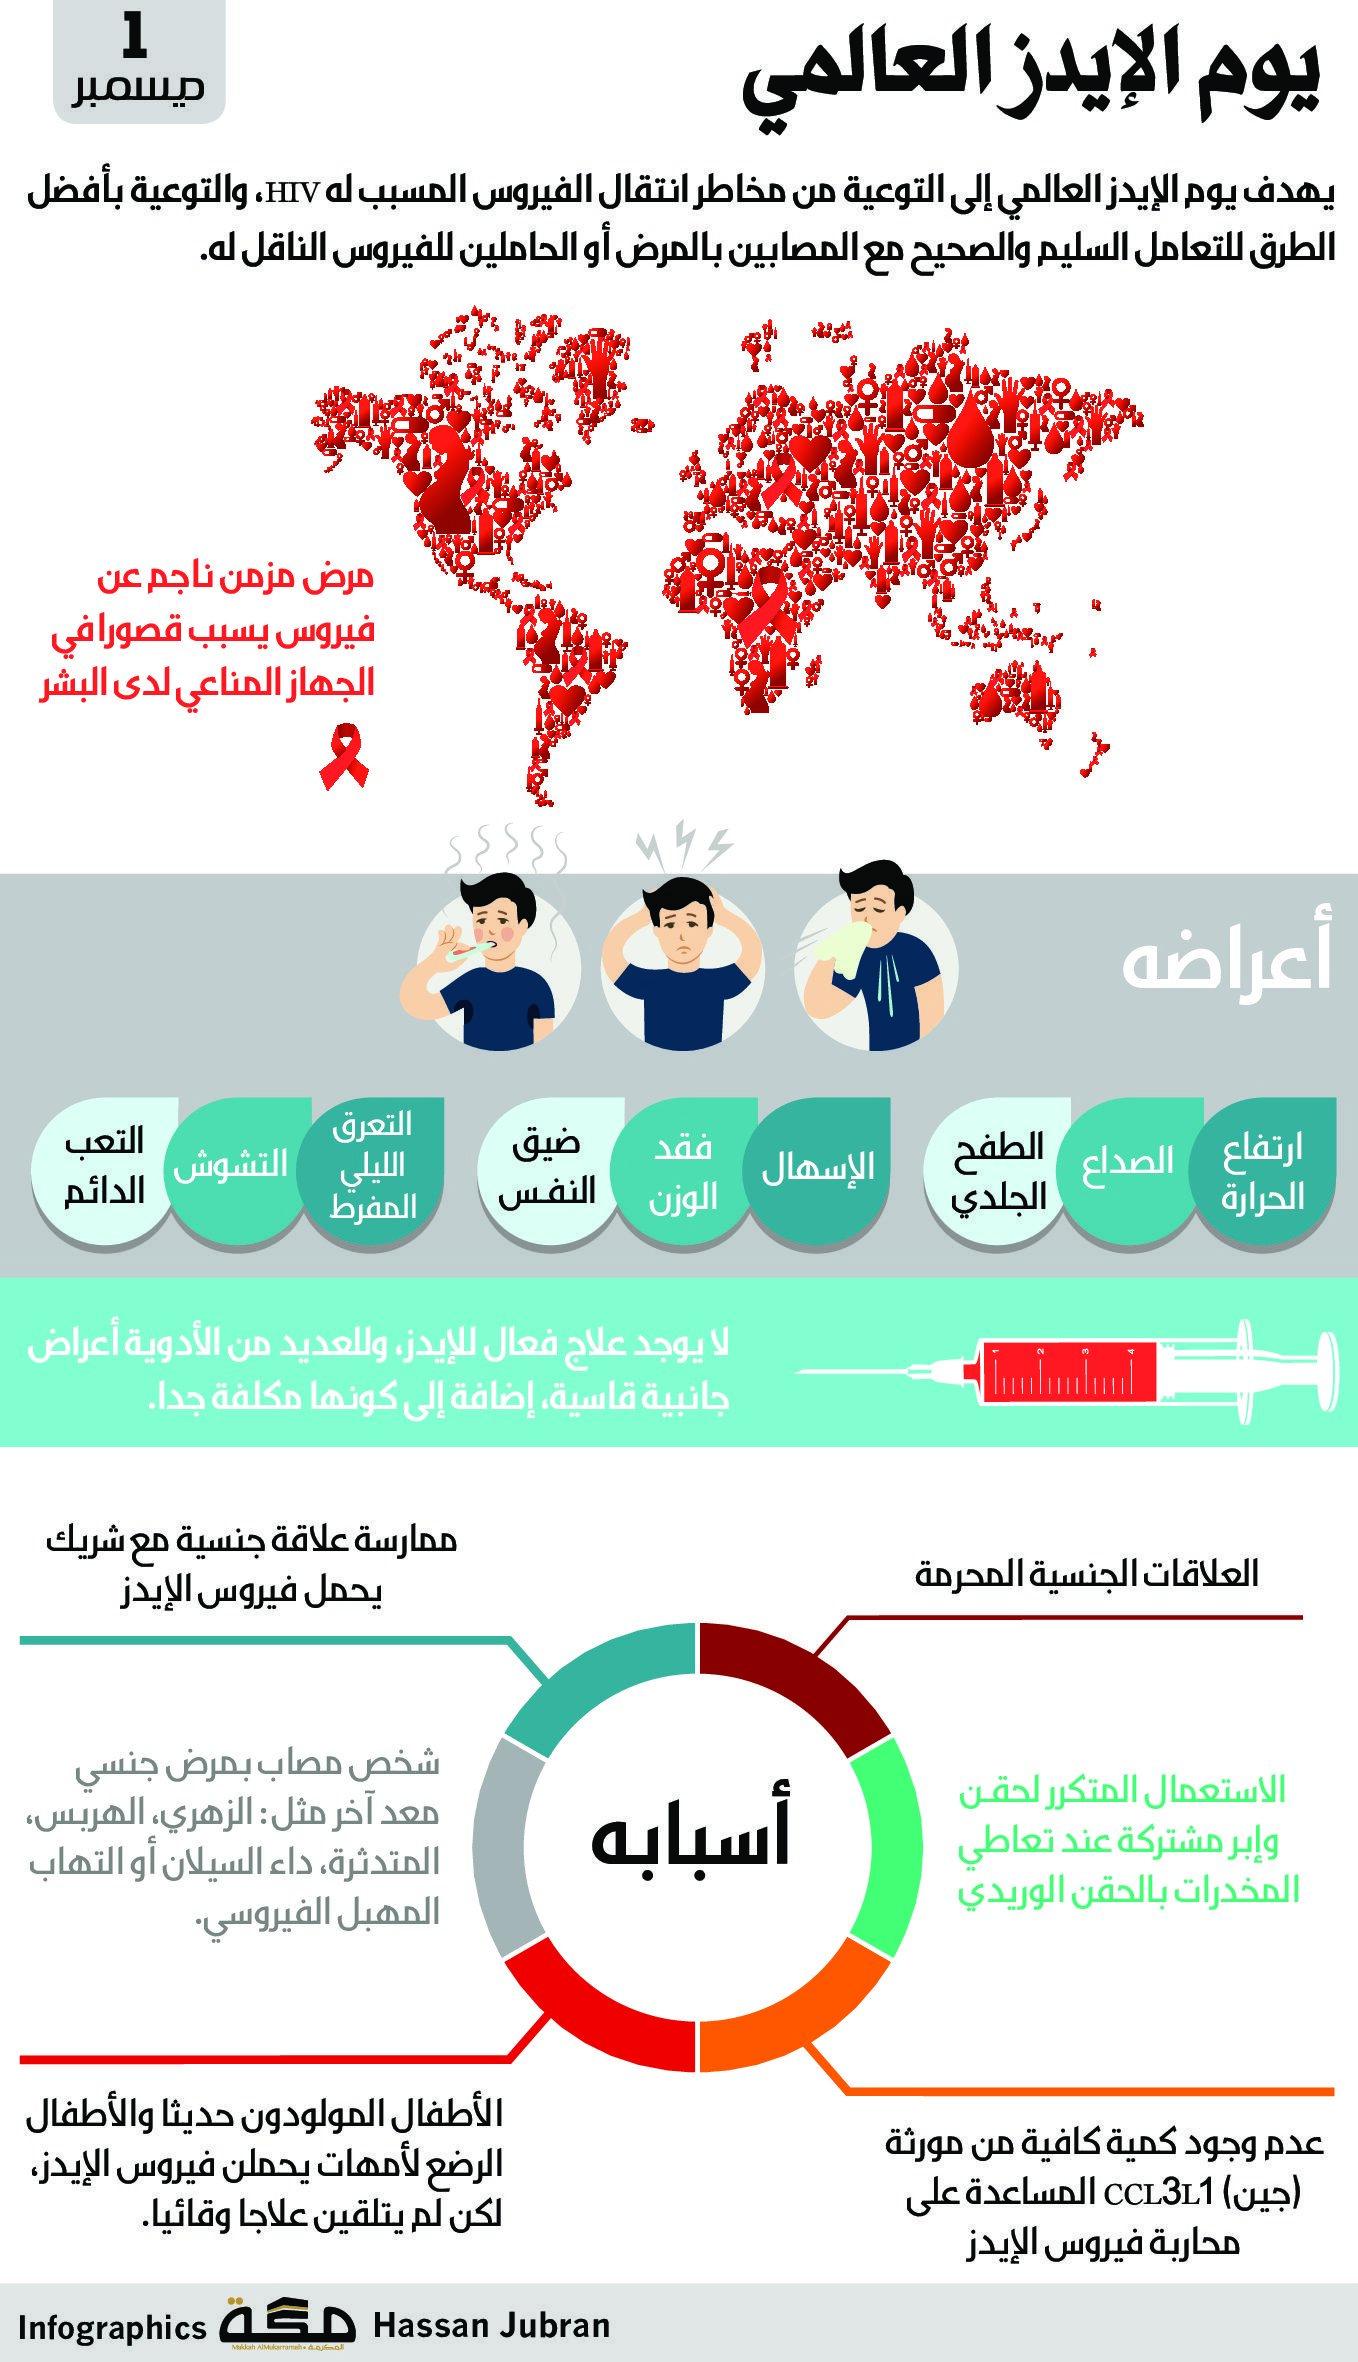 1 ديسمبر يوم الإيدز العالمي صحيفةـمكة انفوجرافيك الأيام العالمية 2ga Infographic Map